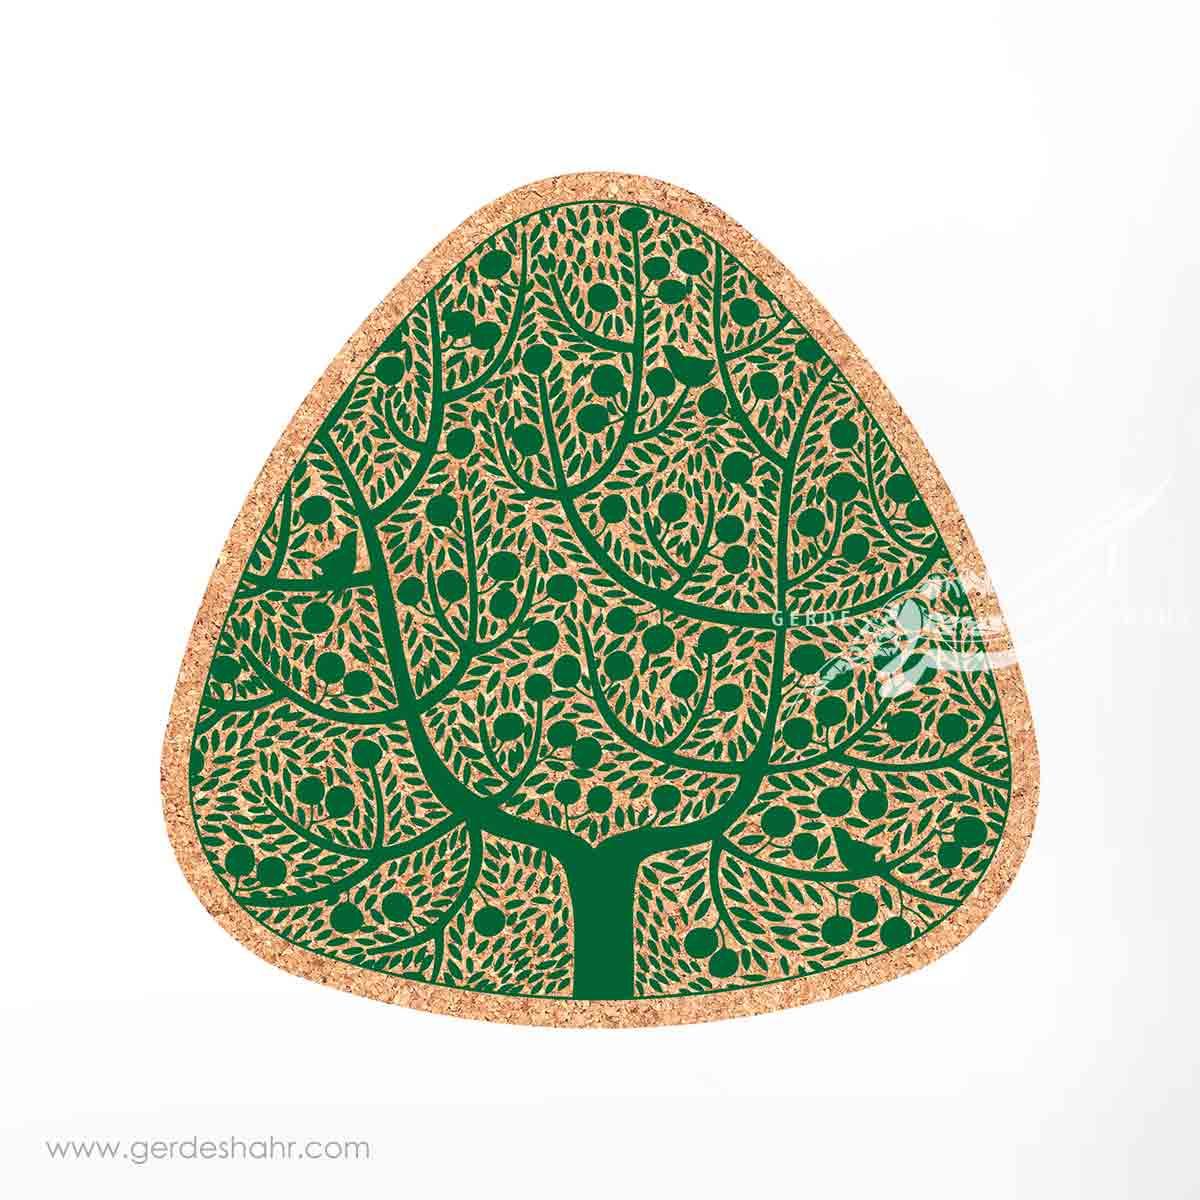 زیرقابلمه ای مثلث 25 درخت زیتون سبز محصولات